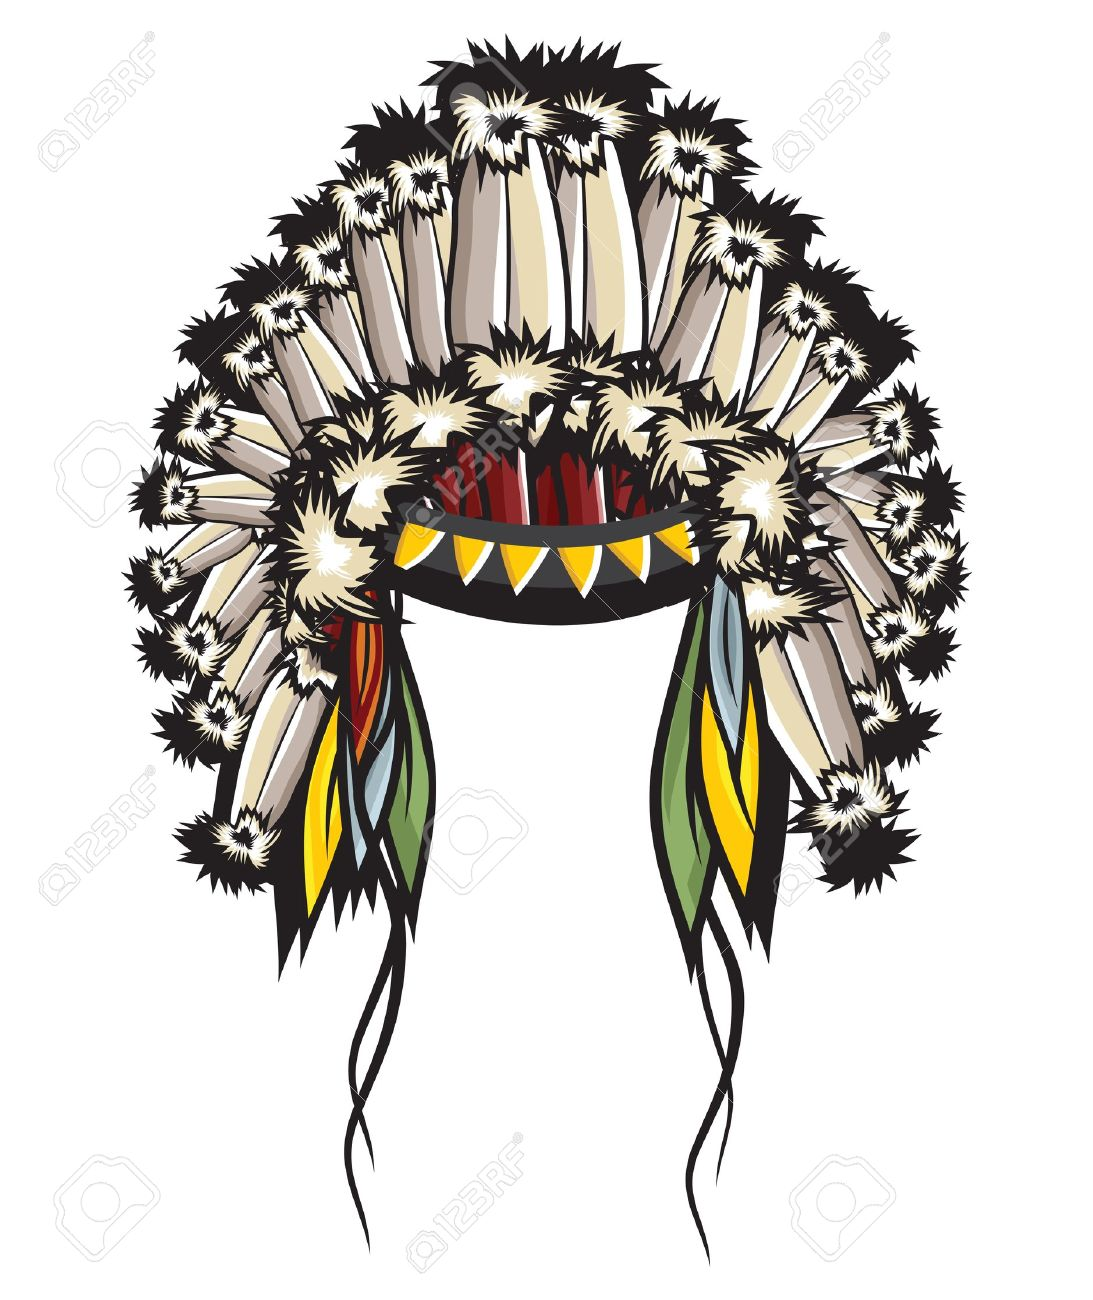 Indian Headdress Clipart.